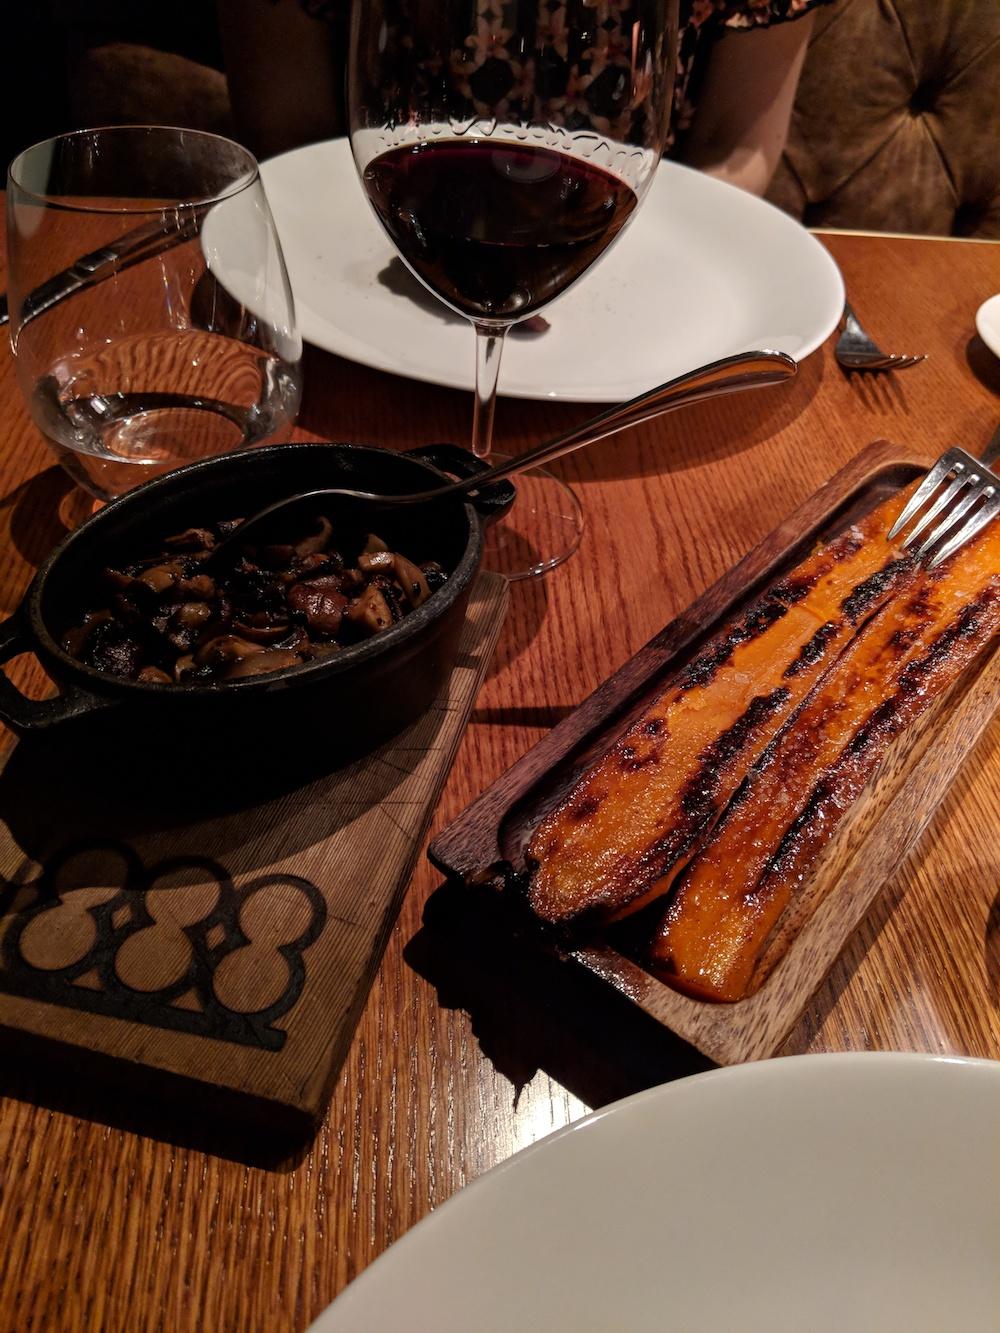 Braised carrots, mushroom medley